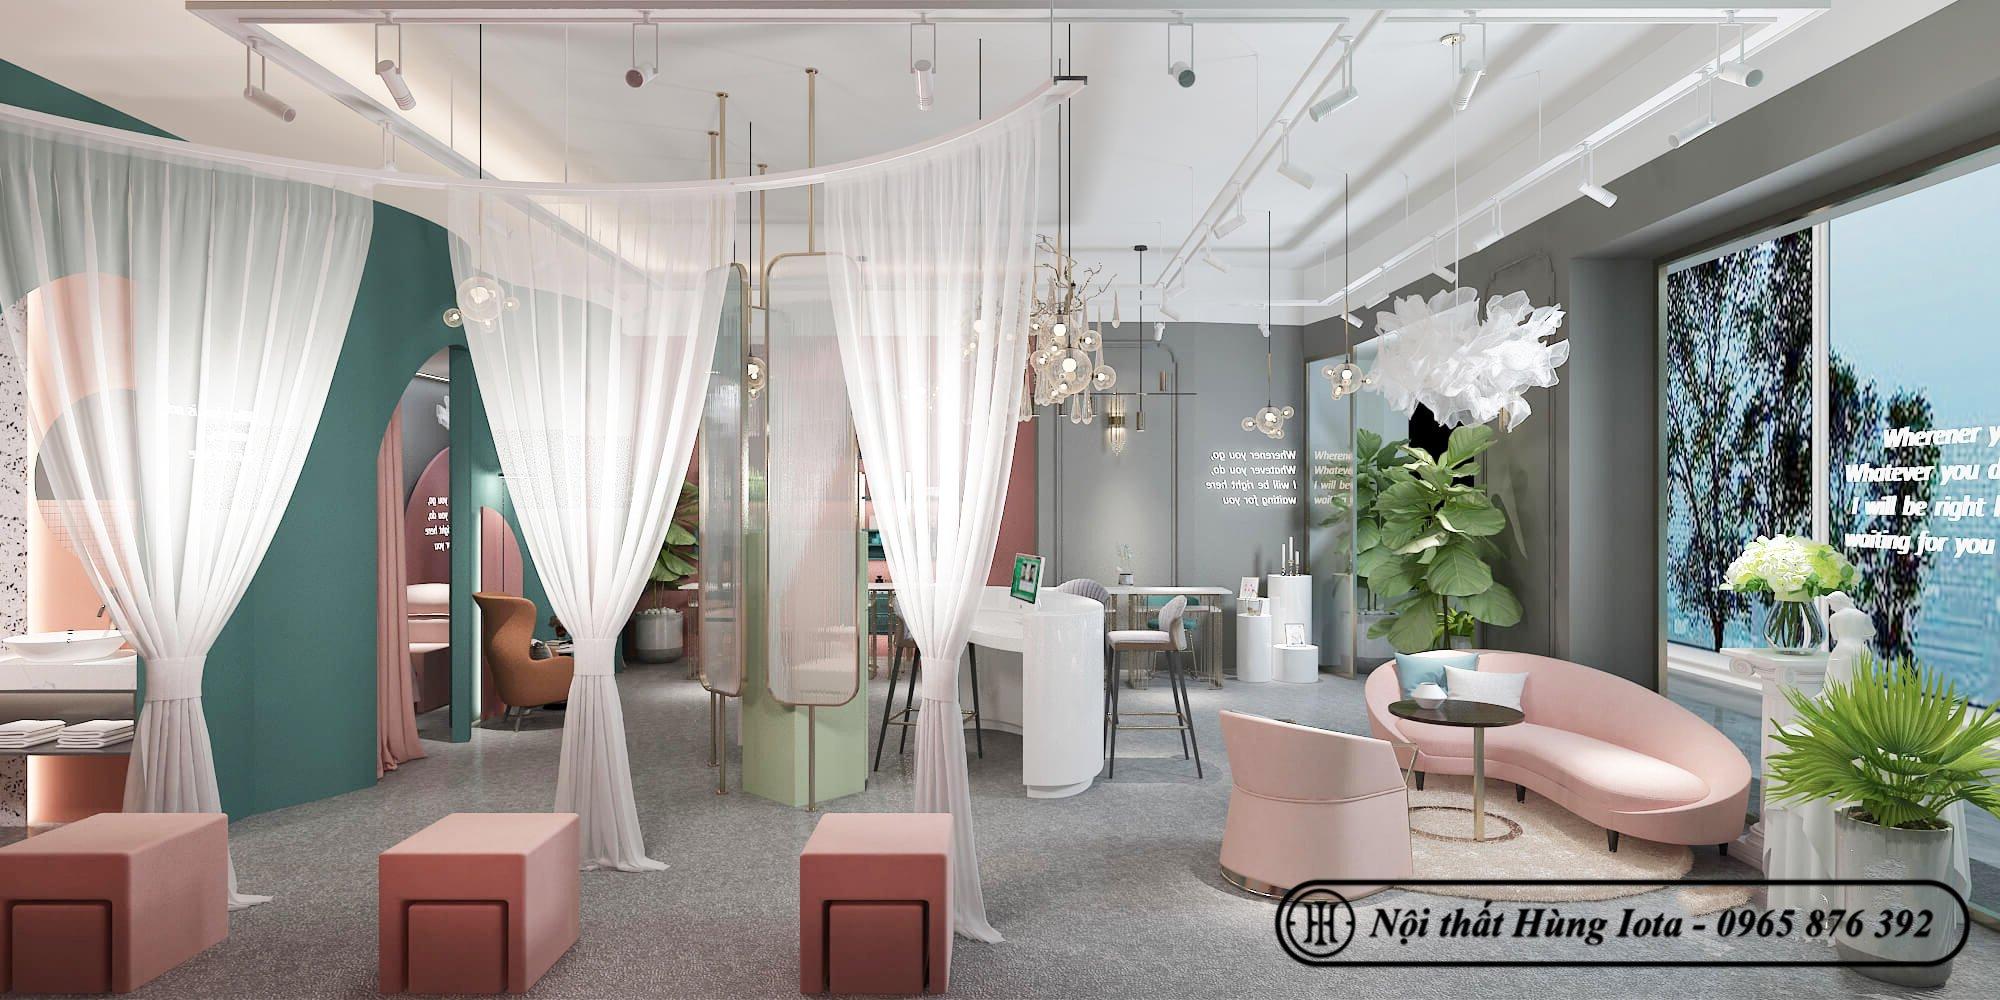 Tiệm nail được kết hợp giữa tông màu xanh và hồng nhã nhặn